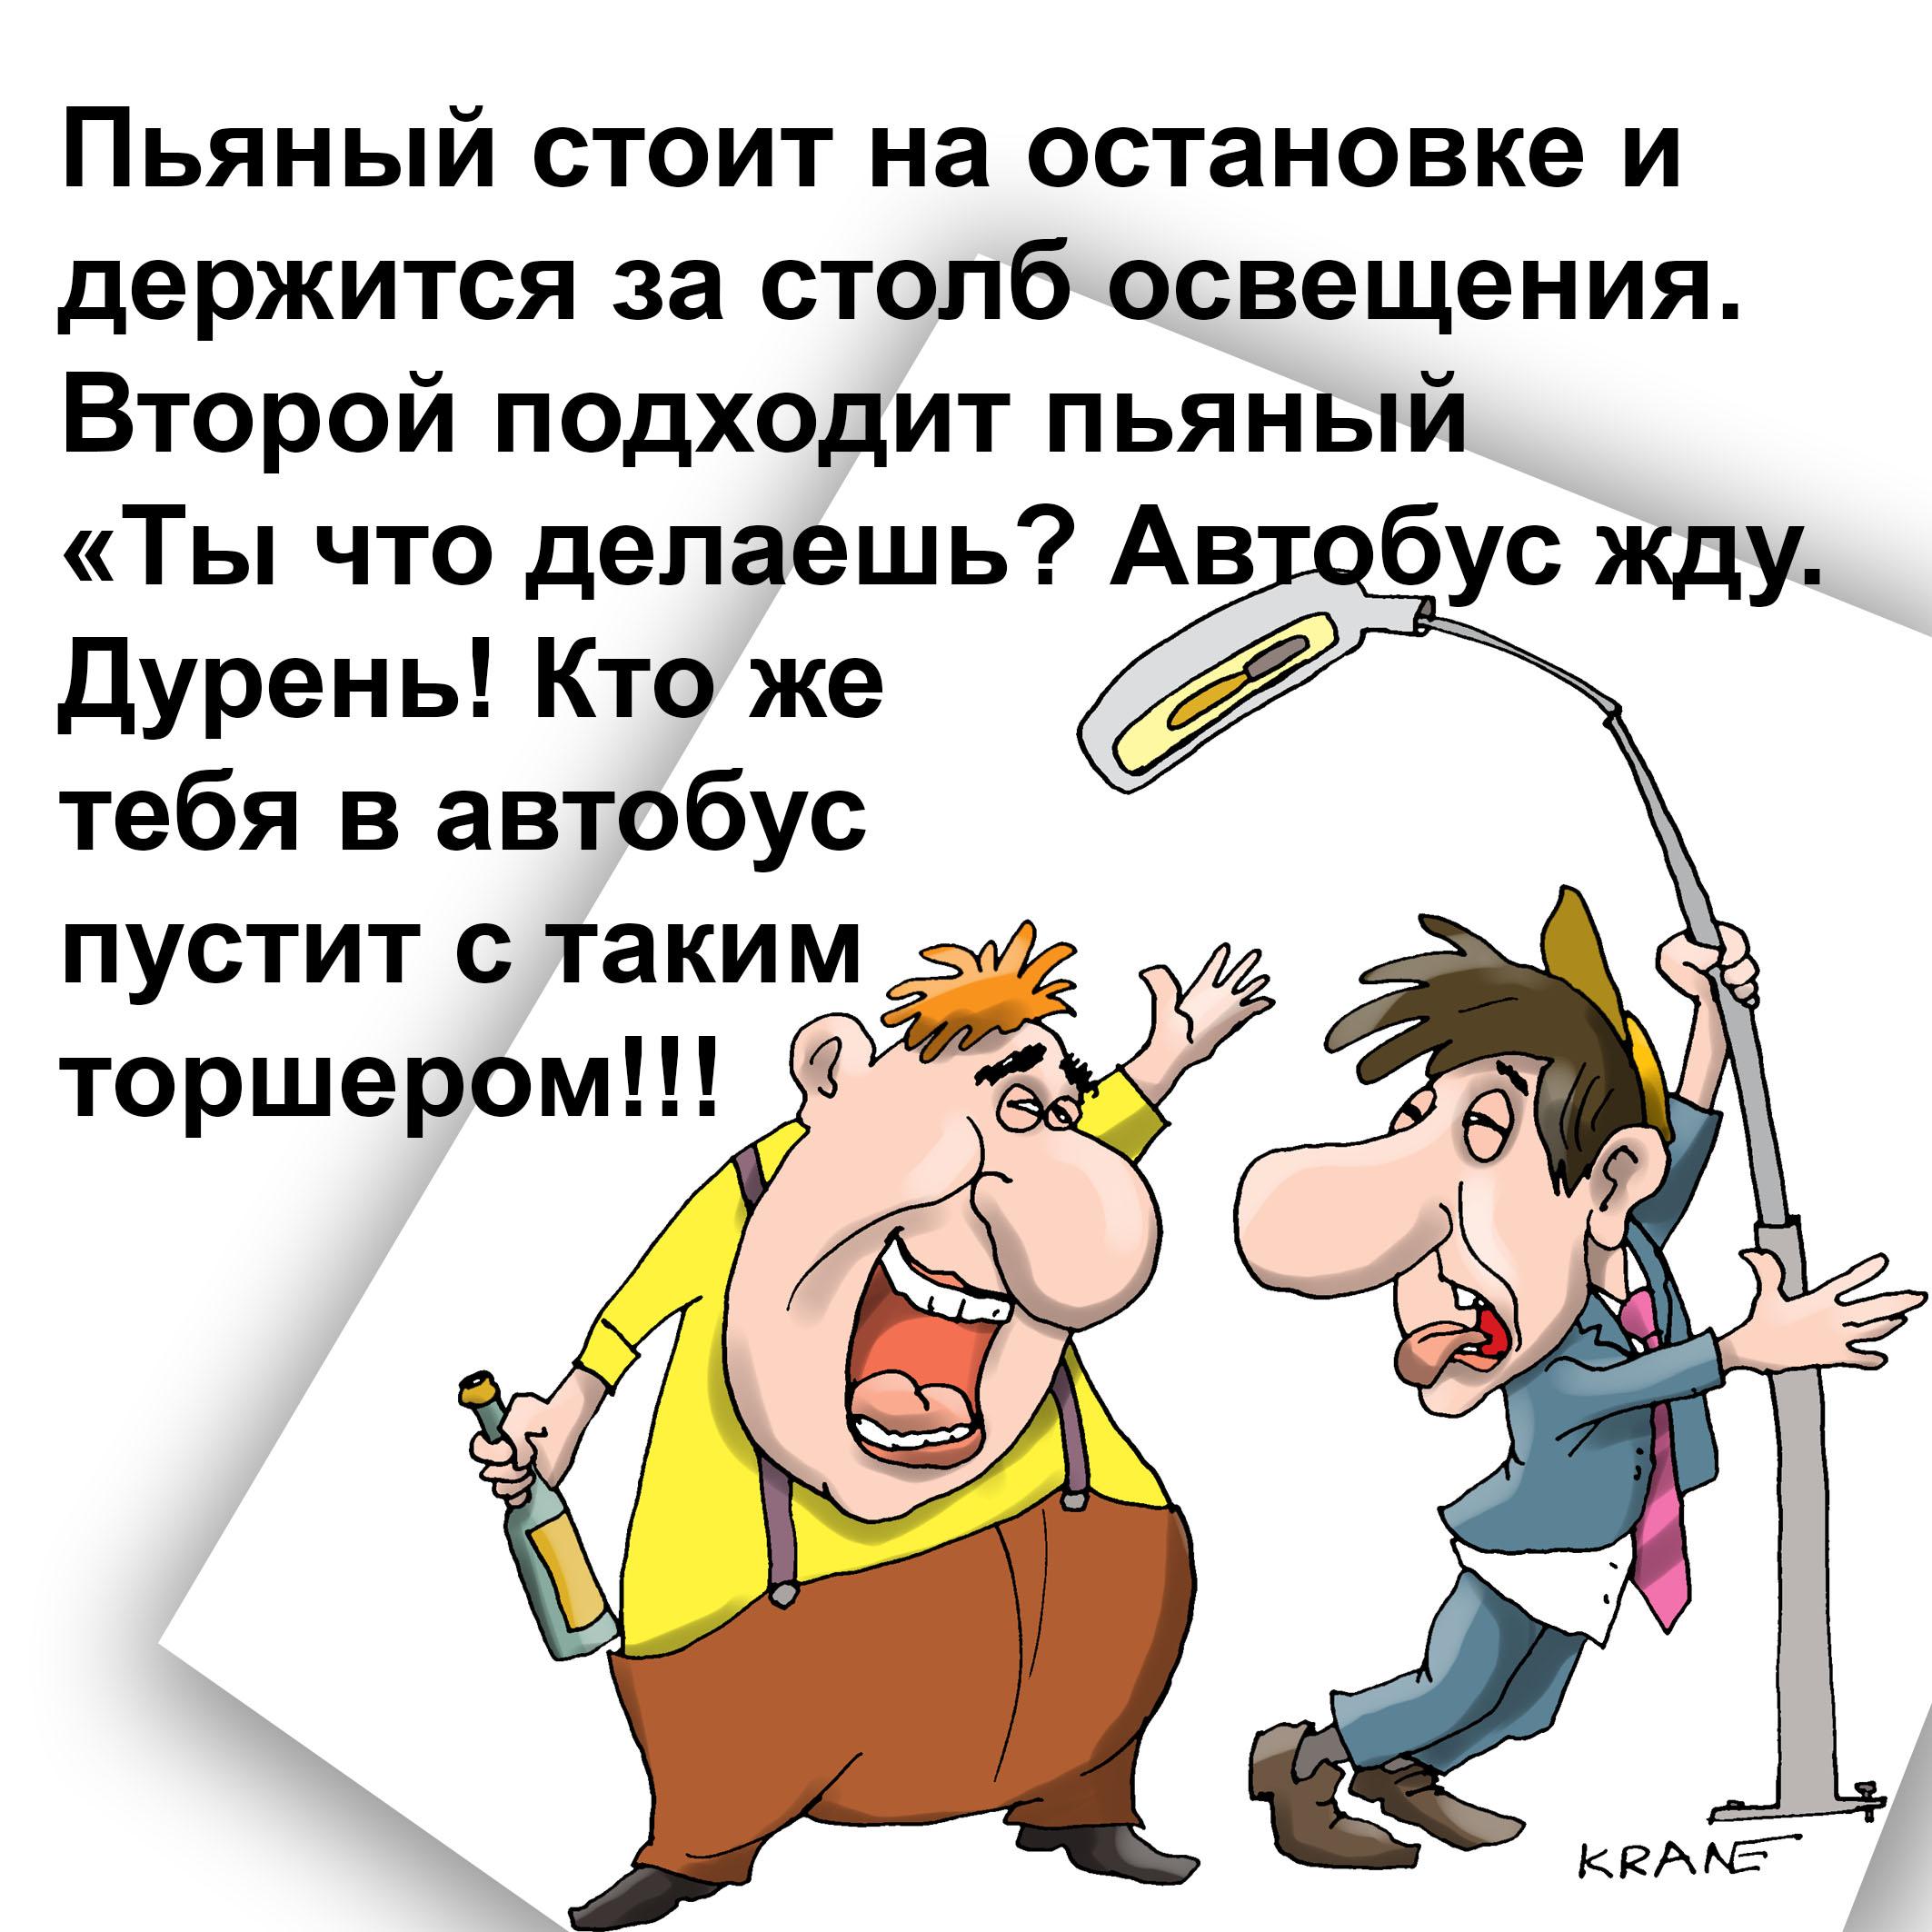 Анекдот Про Мирославовича